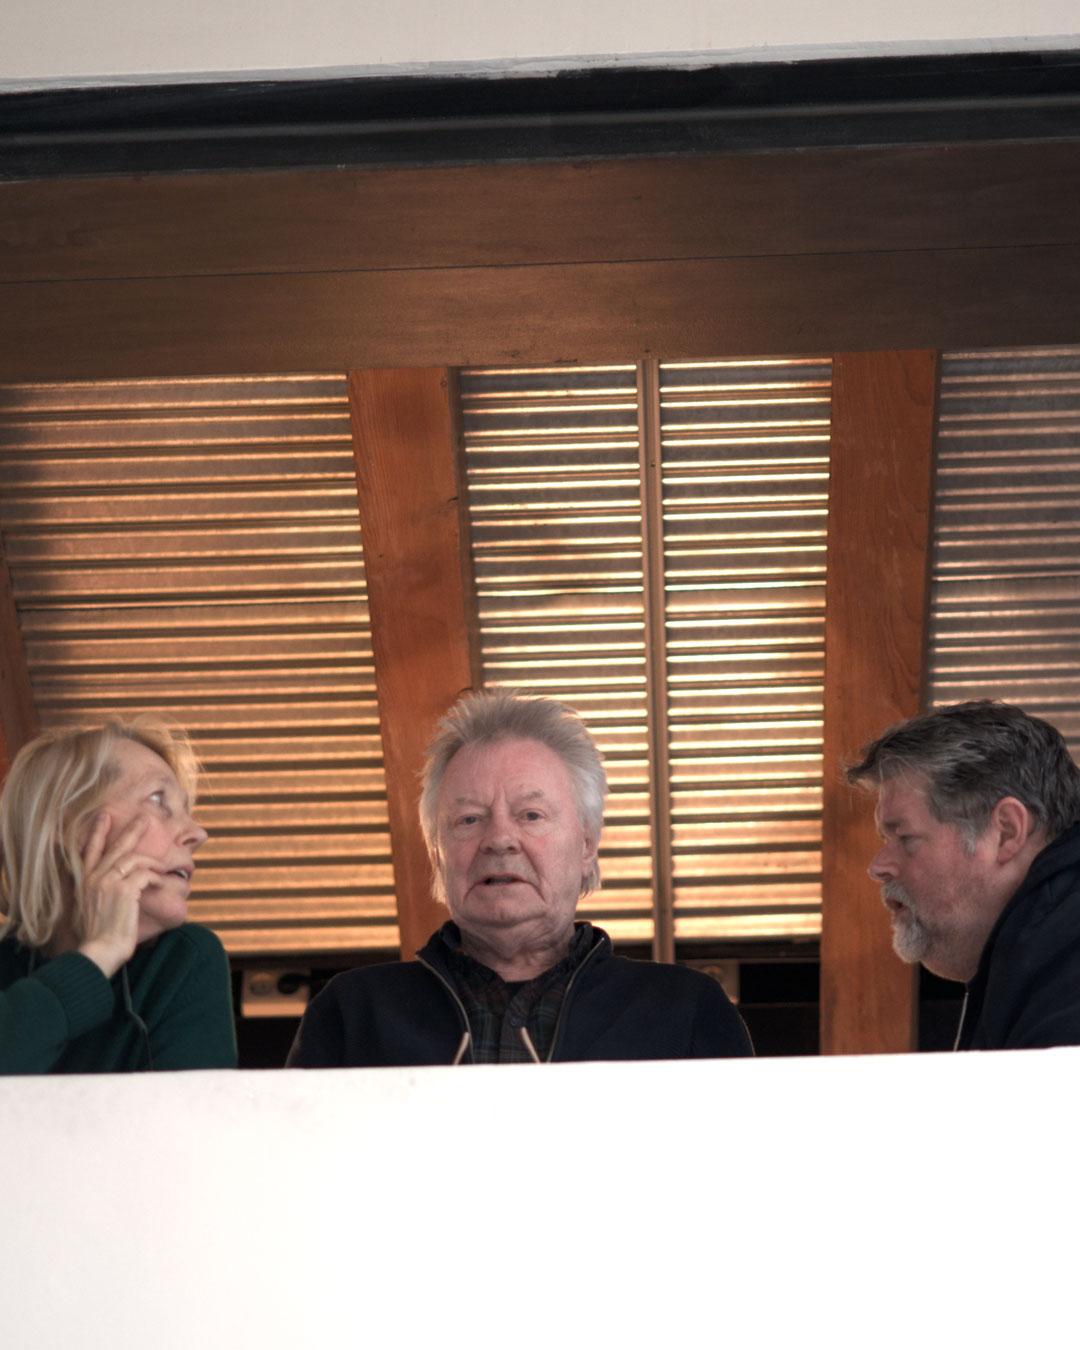 Lucy Sarneel, Robert Smit and Jelle Kampen